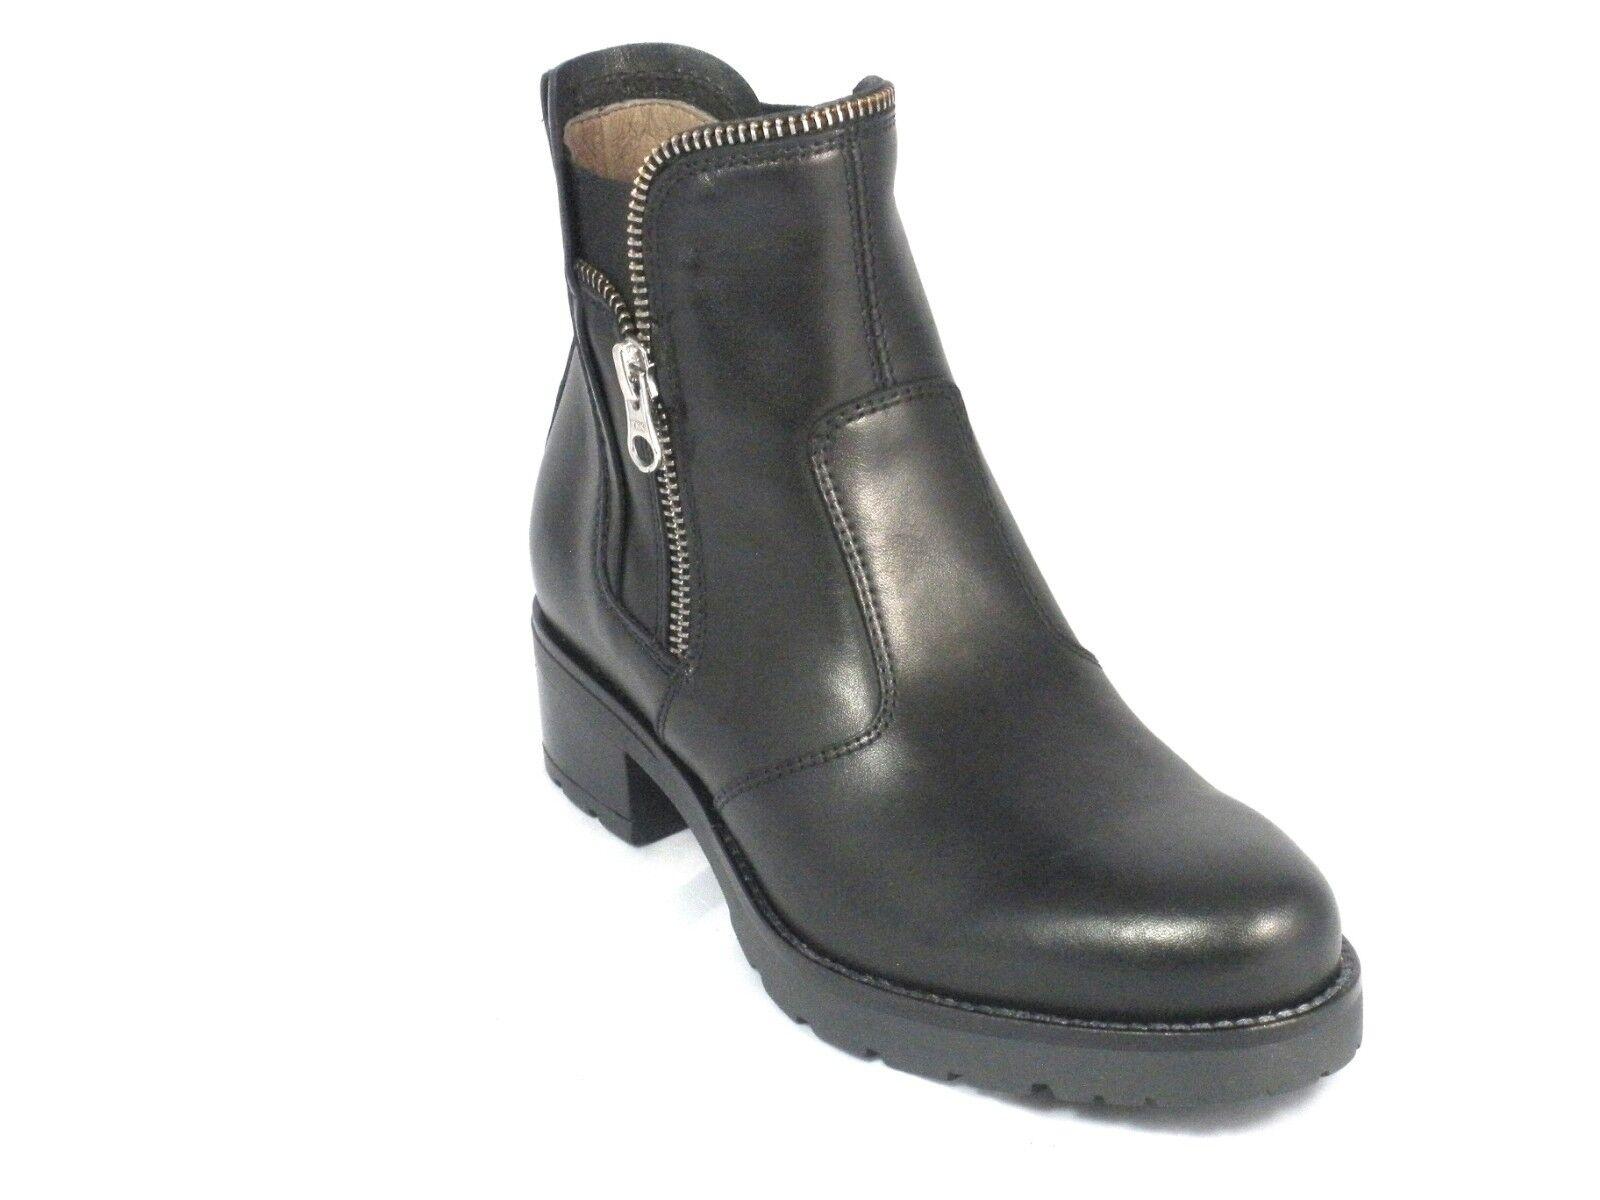 vendita con alto sconto Nero Giardini Donna tronchetto A807050D pelle nero scarpe fatte in in in Italia  esclusivo